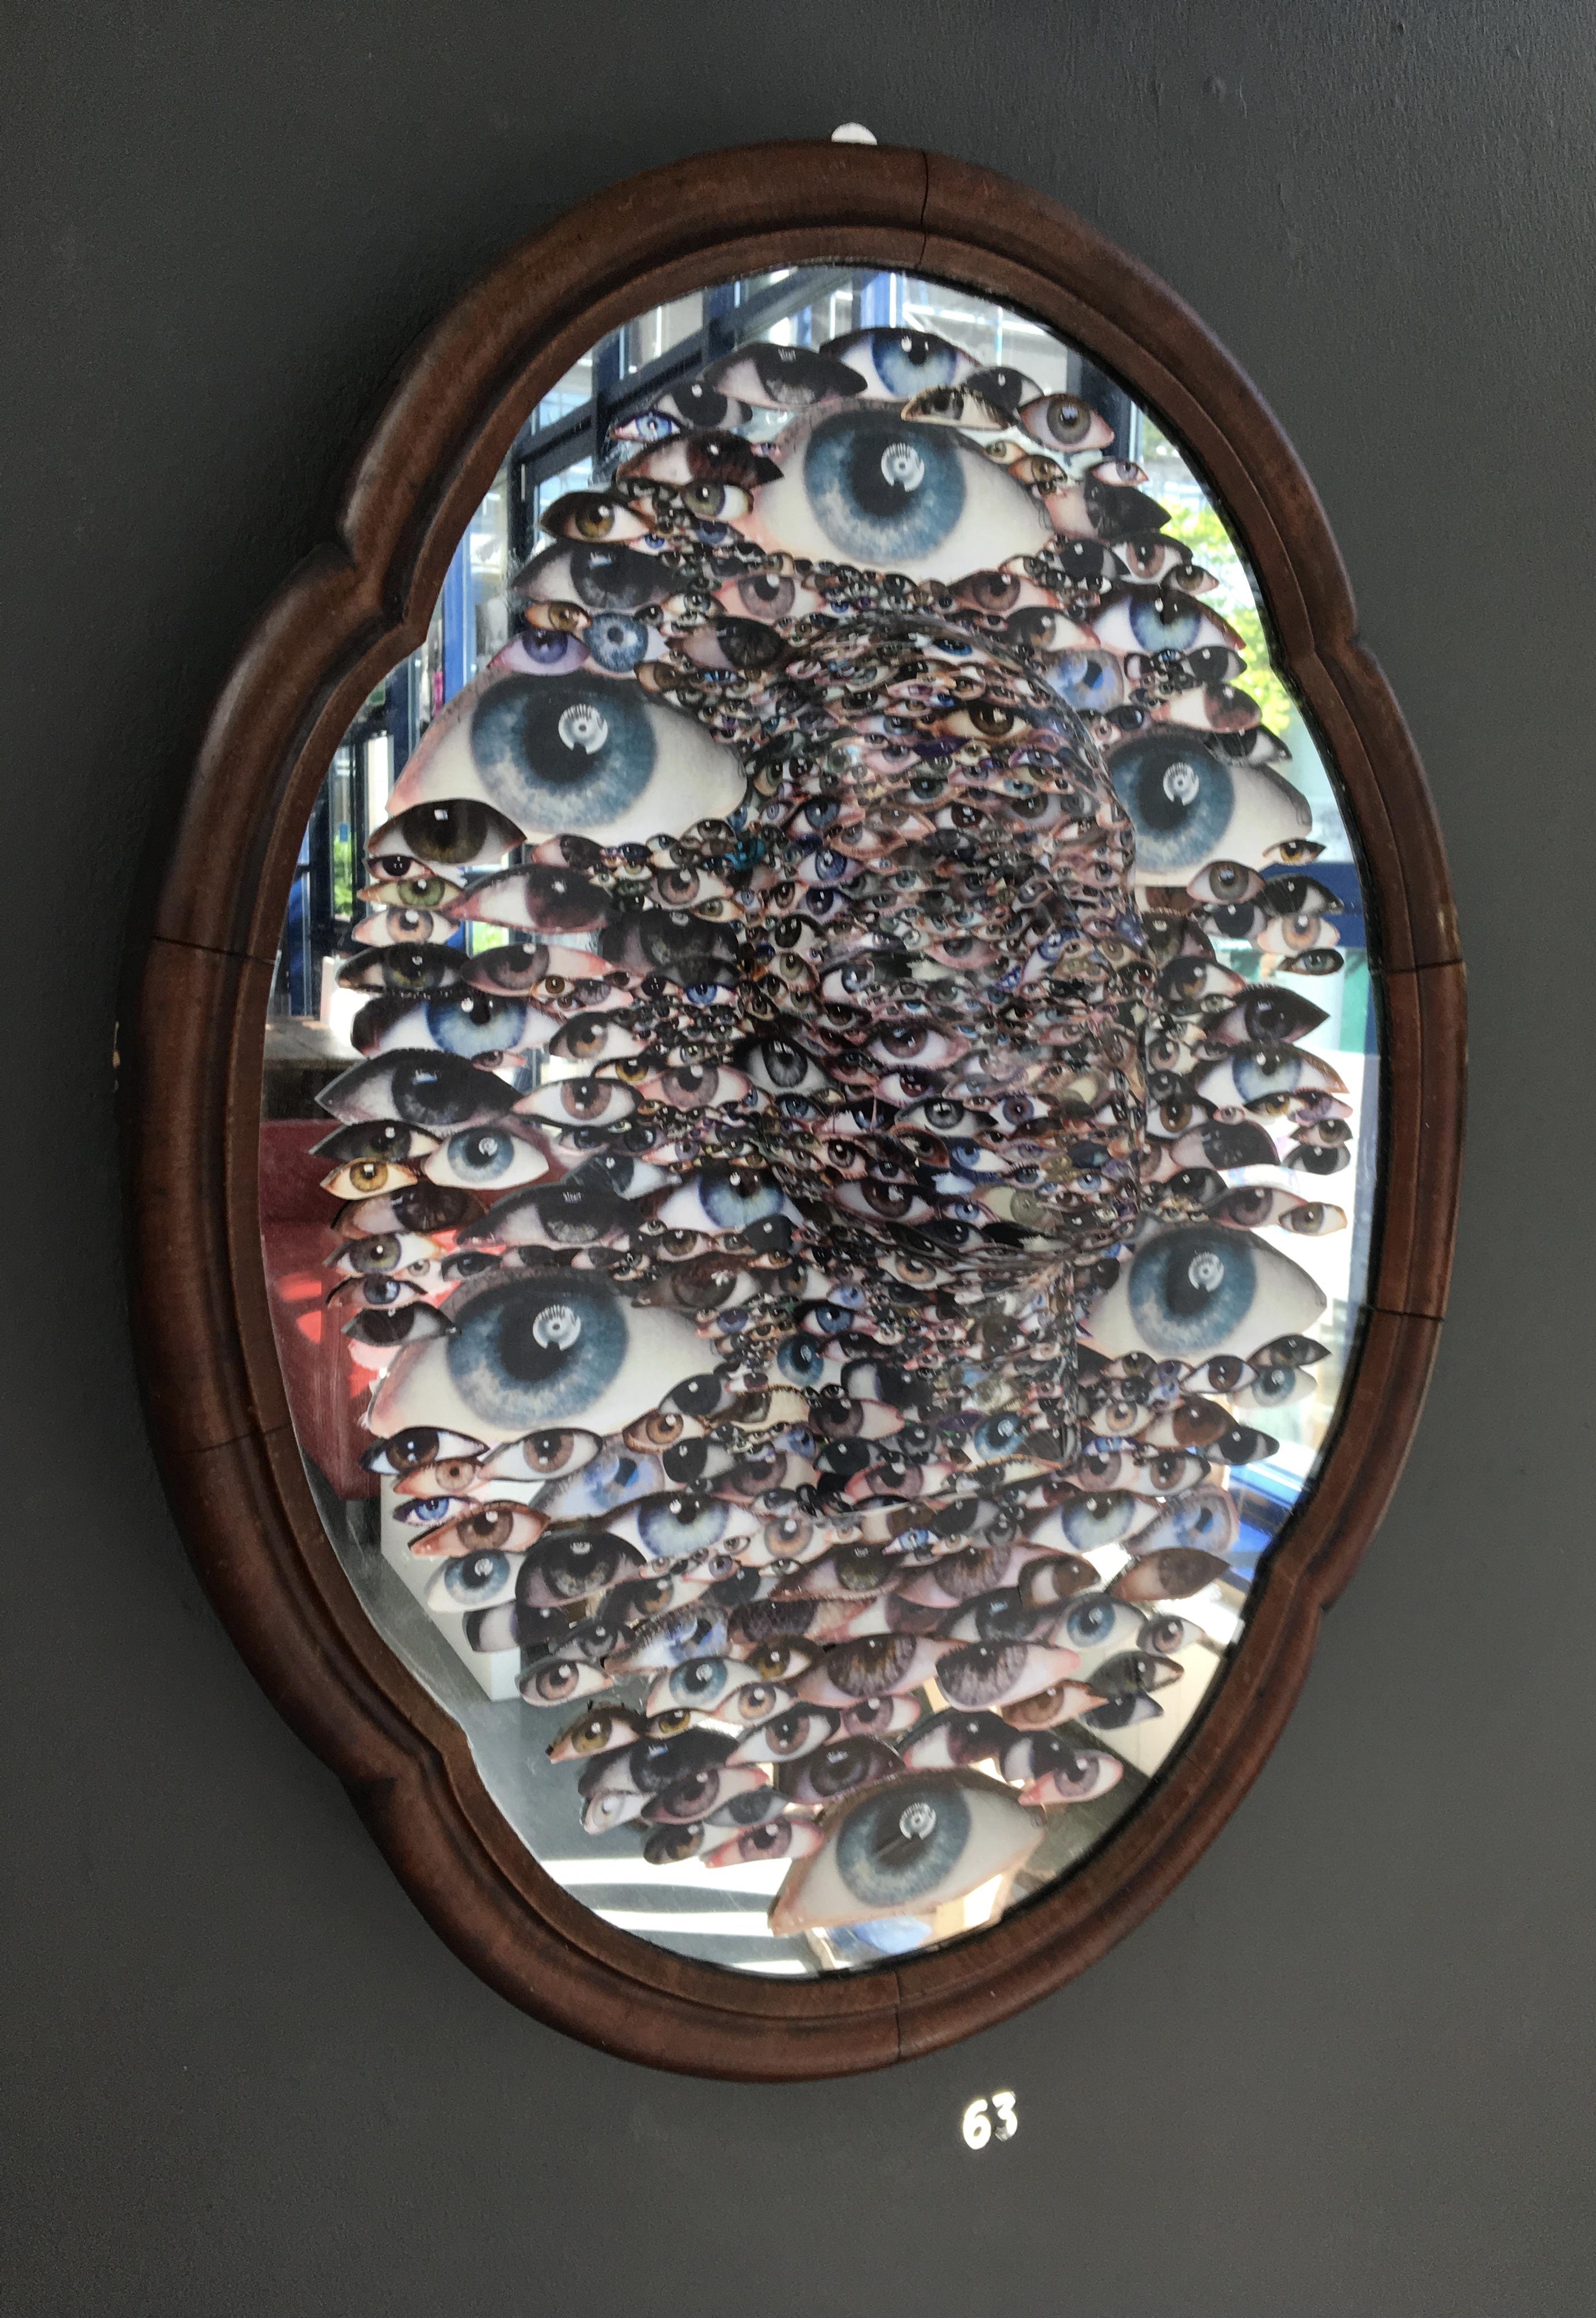 63. Untitled, Jennifer Sim, 50 x 65 x 15, £ offers